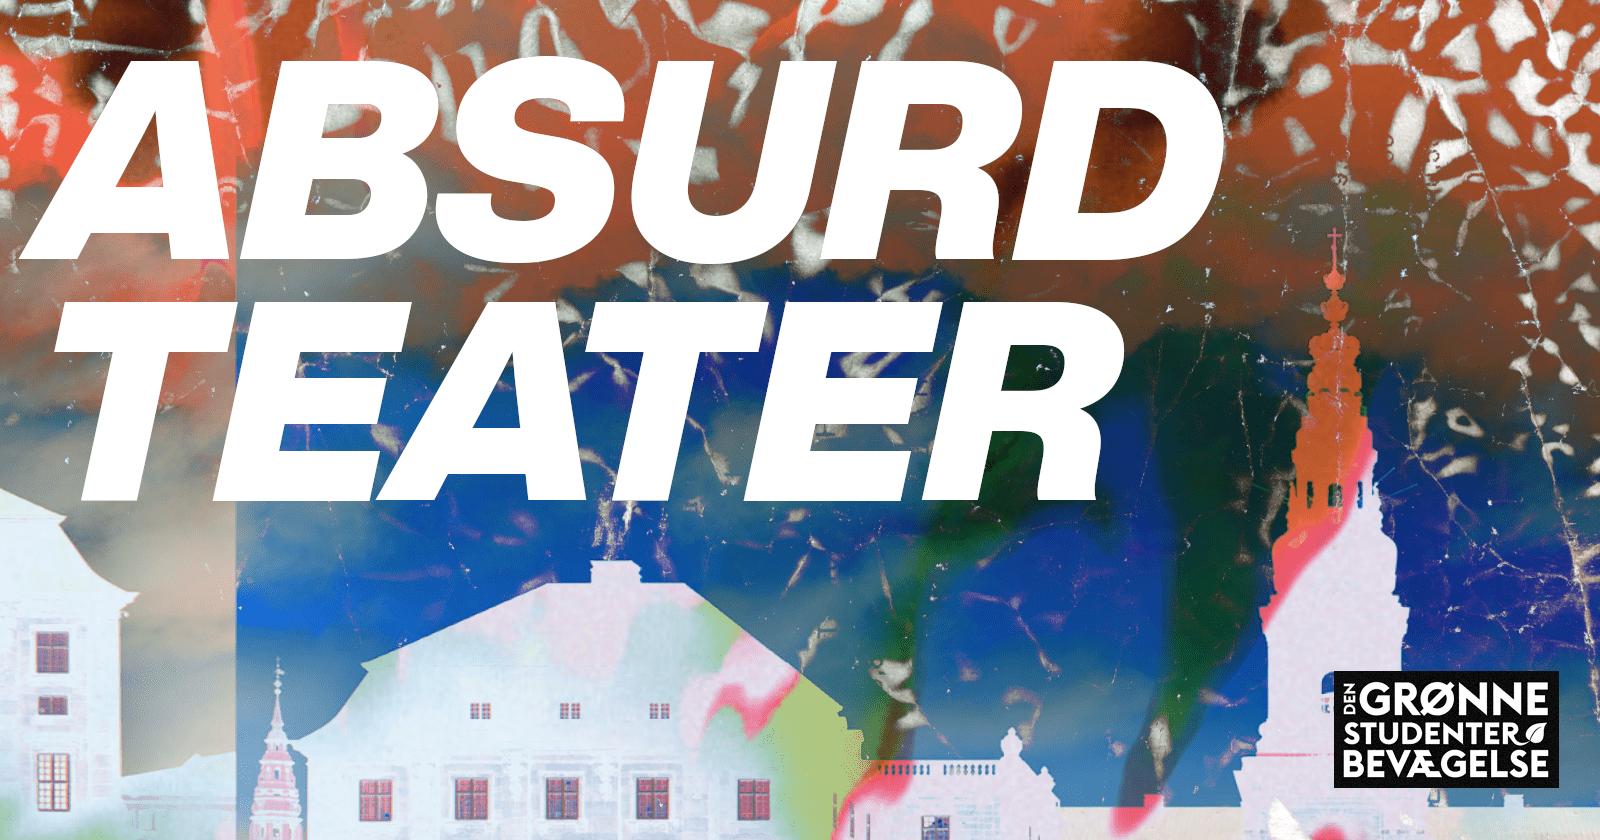 Dansk Industri er den nye hovedrolle i klimapolitikkens absurd teater